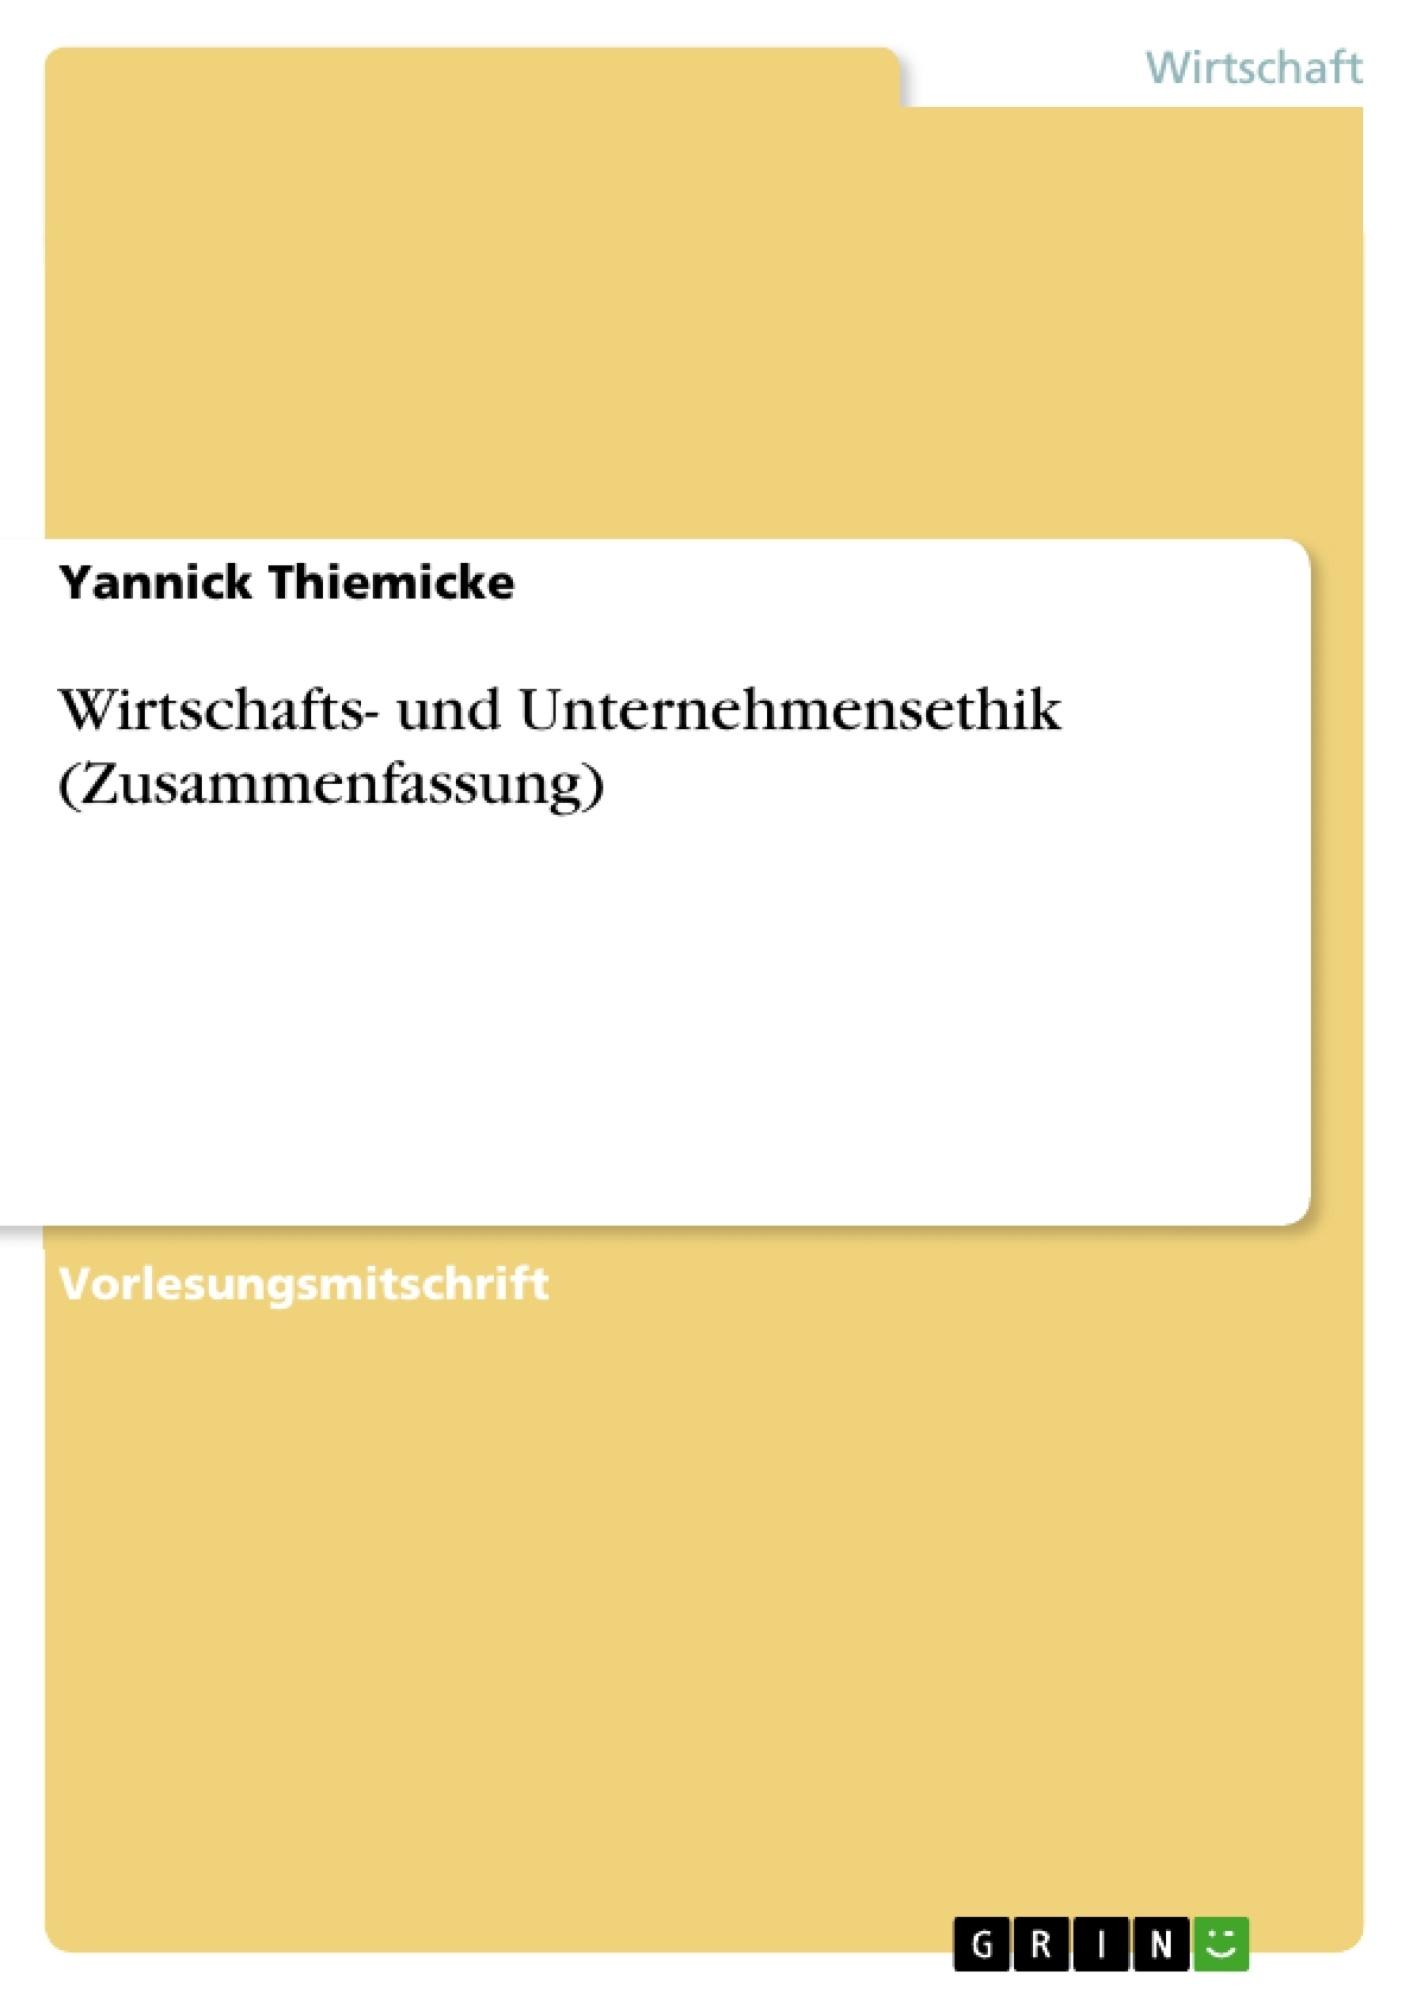 Titel: Wirtschafts- und Unternehmensethik (Zusammenfassung)